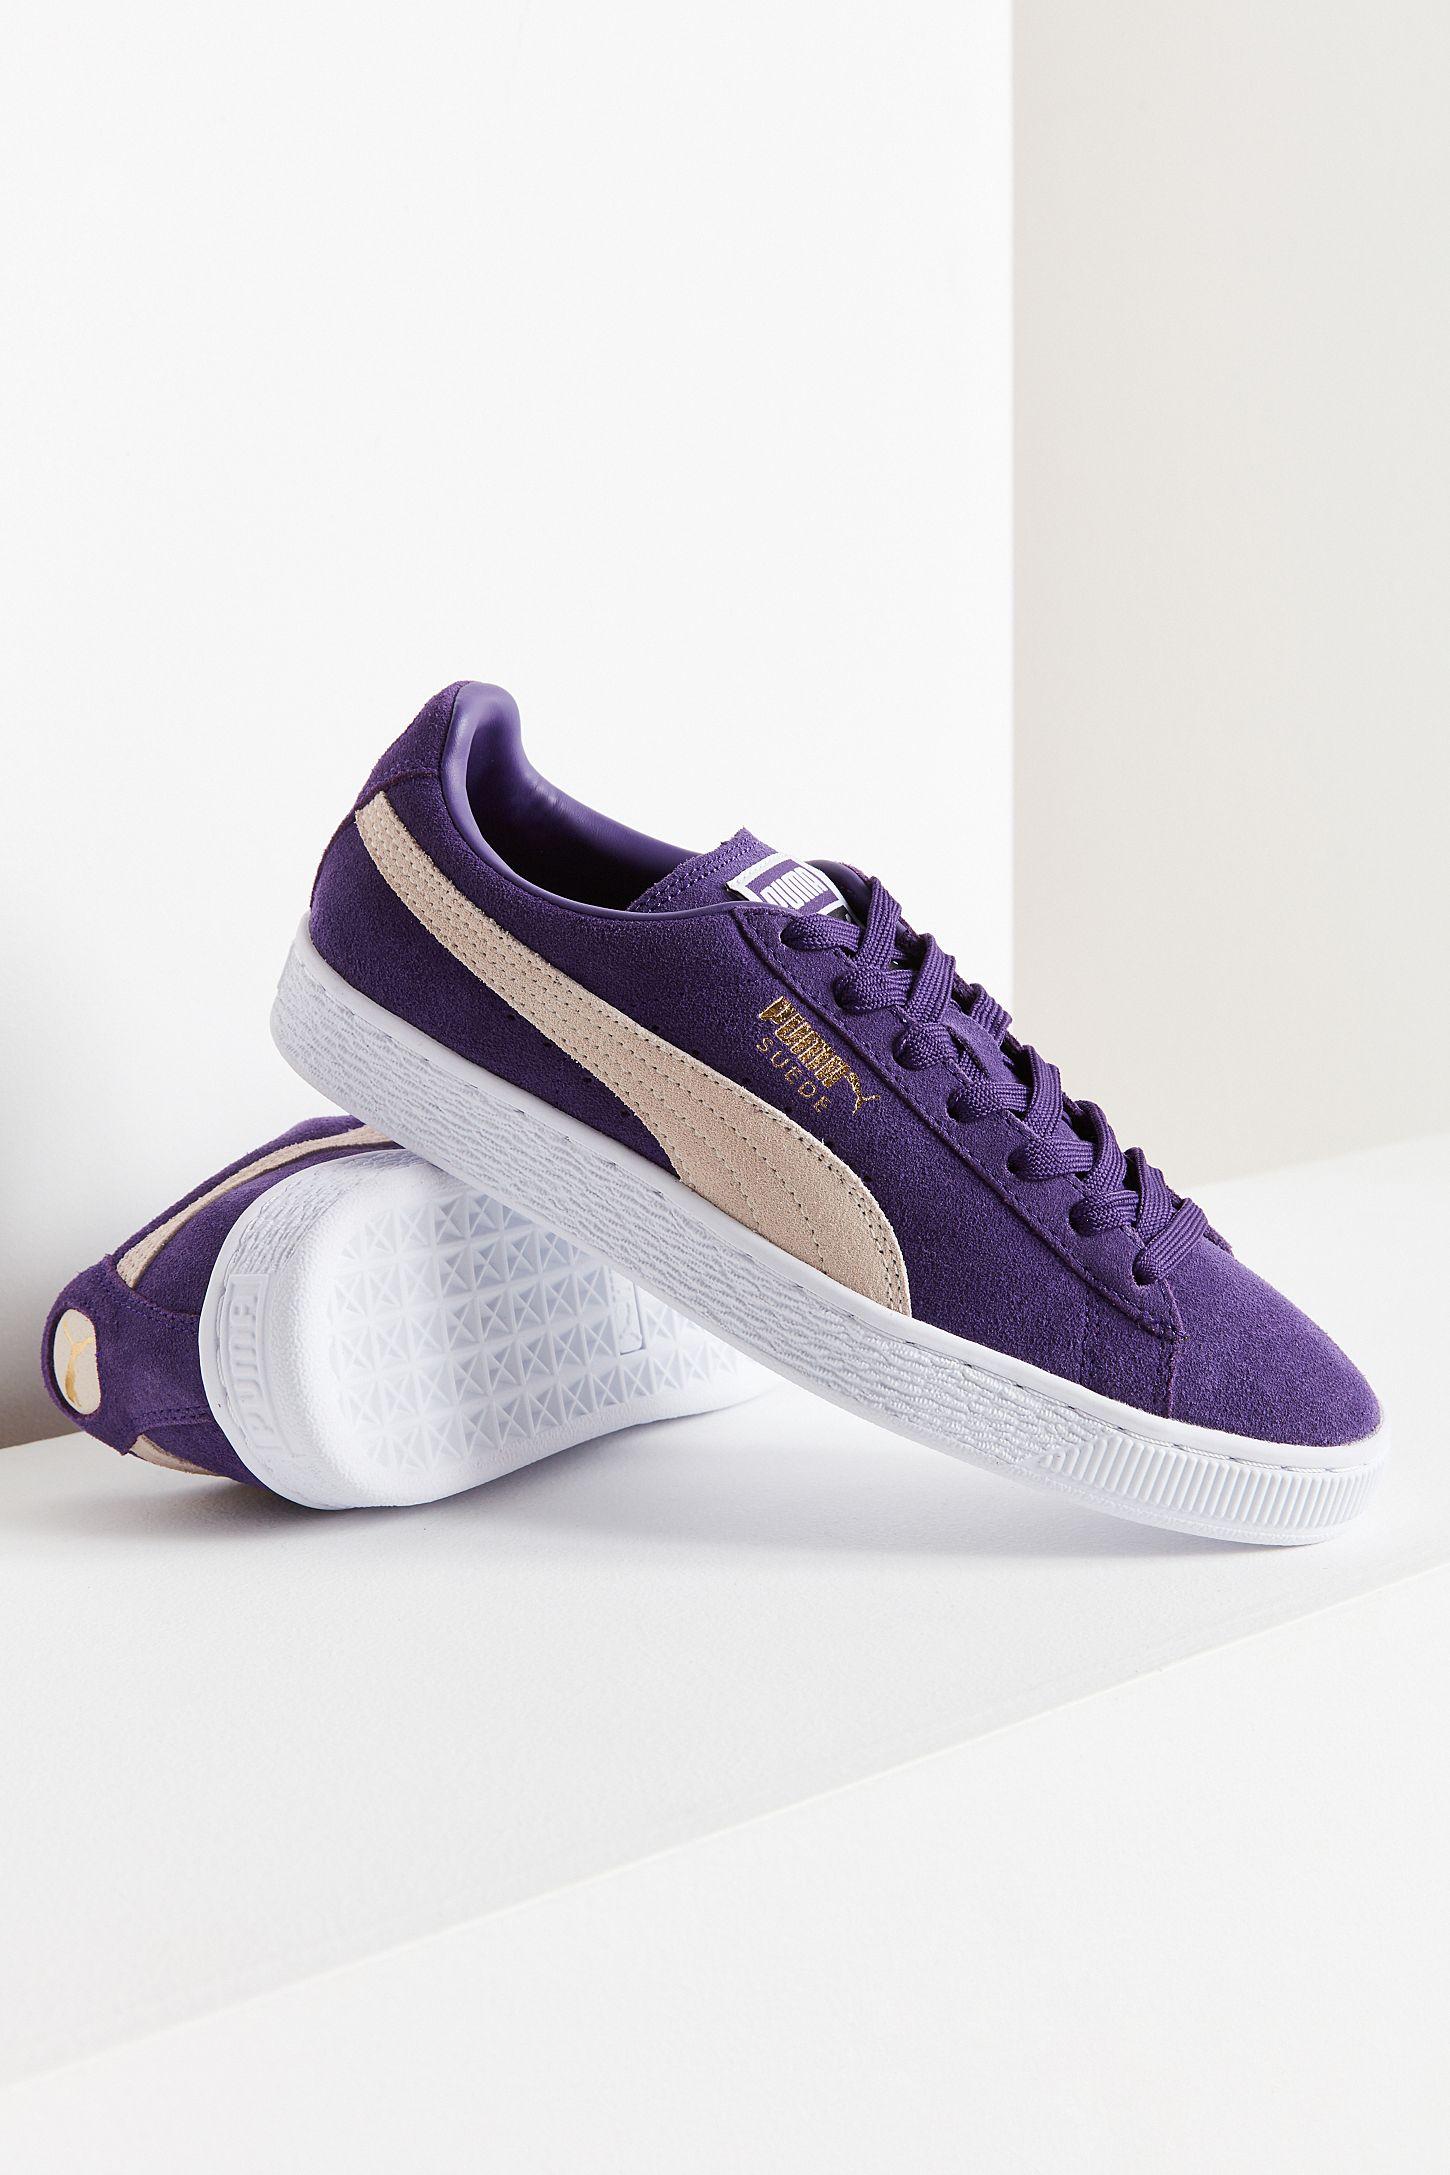 574027849dd8 Puma Suede Classic+ Purple Sneaker